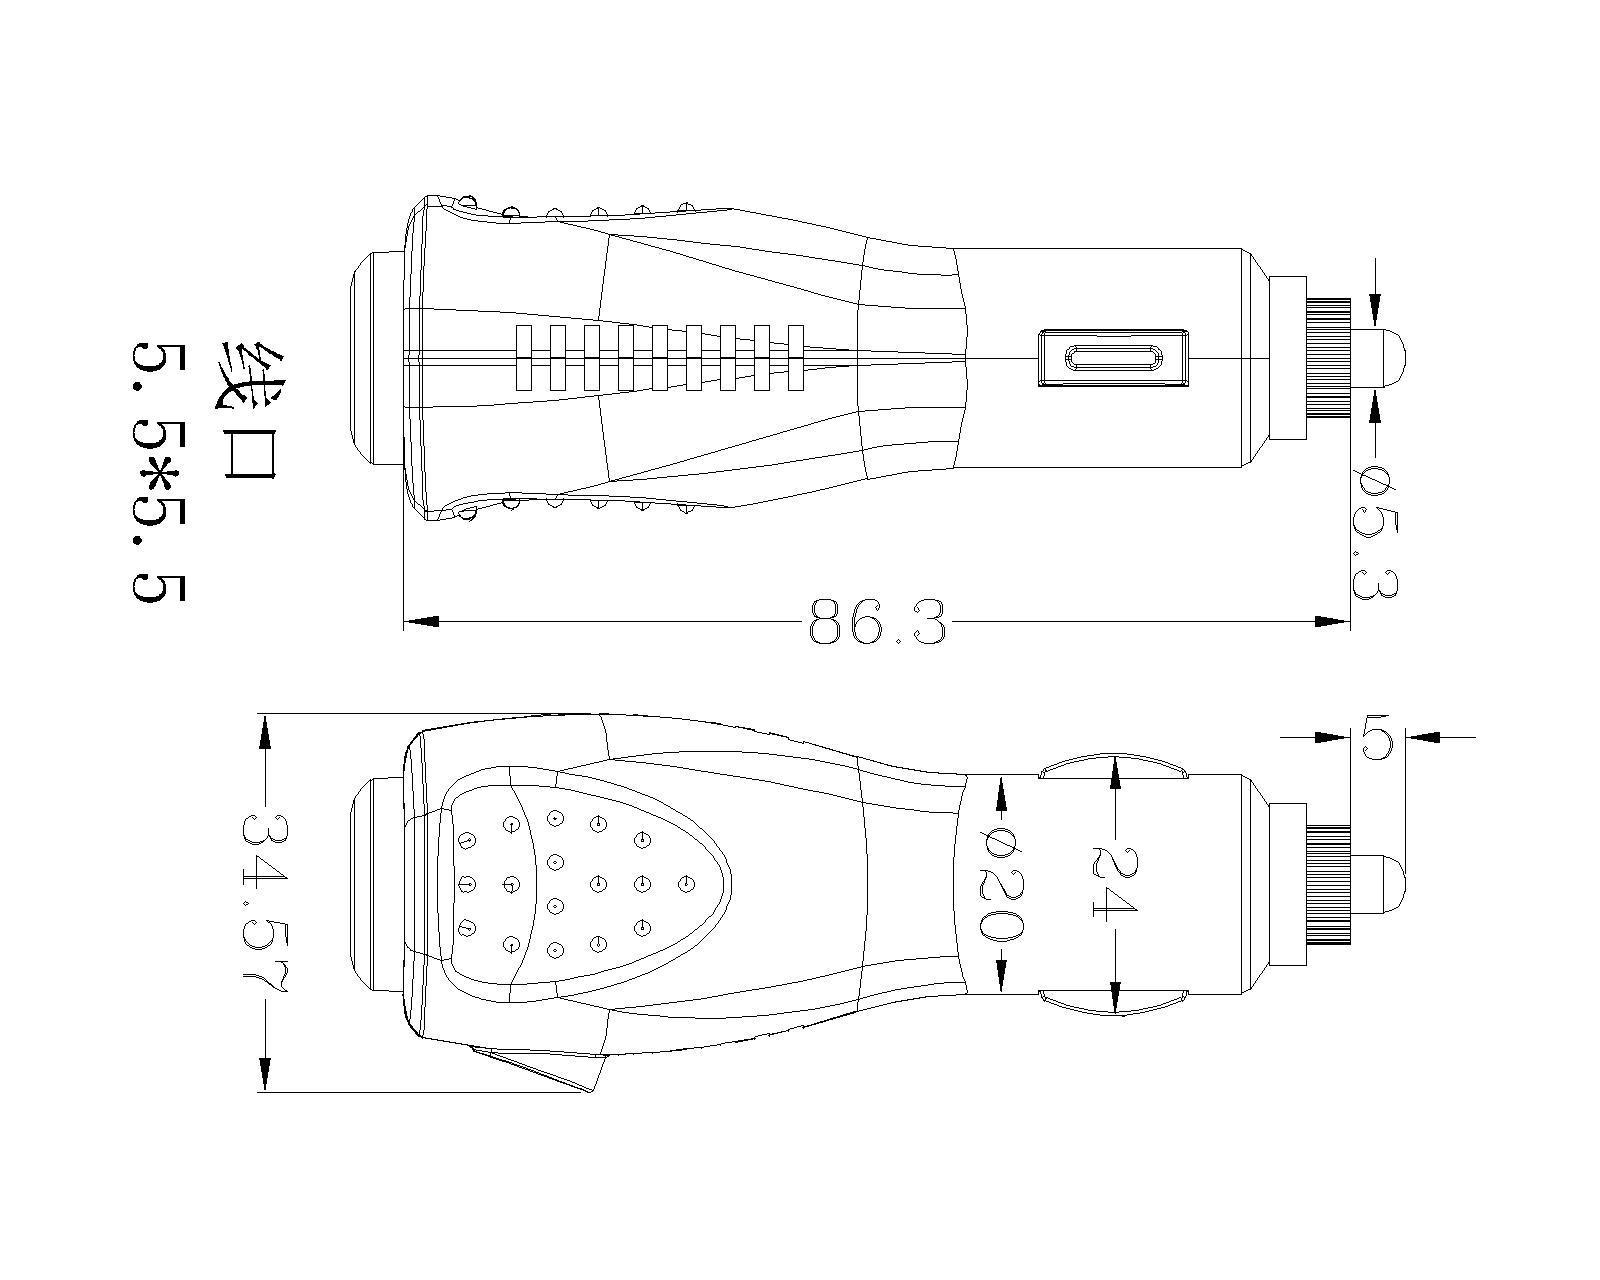 直销供应汽车车载usb充电器外壳 汽车充电器外壳汽车净化器外壳